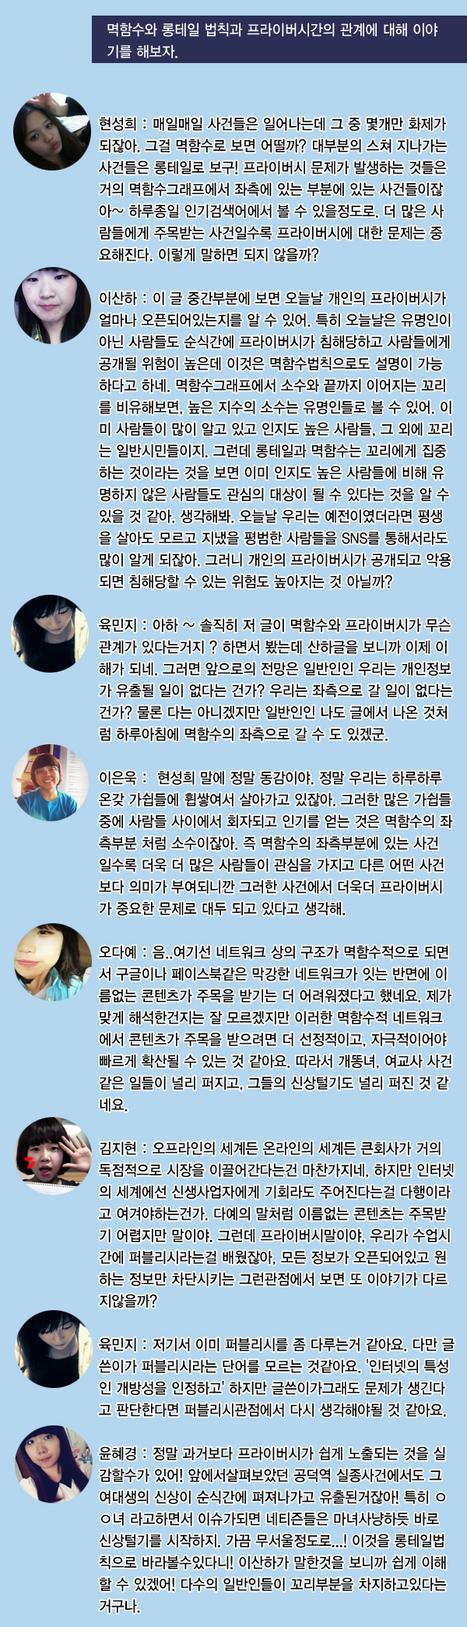 [토론 7] | 소셜미디어시대, 멱함수의시대 | Scoop.it